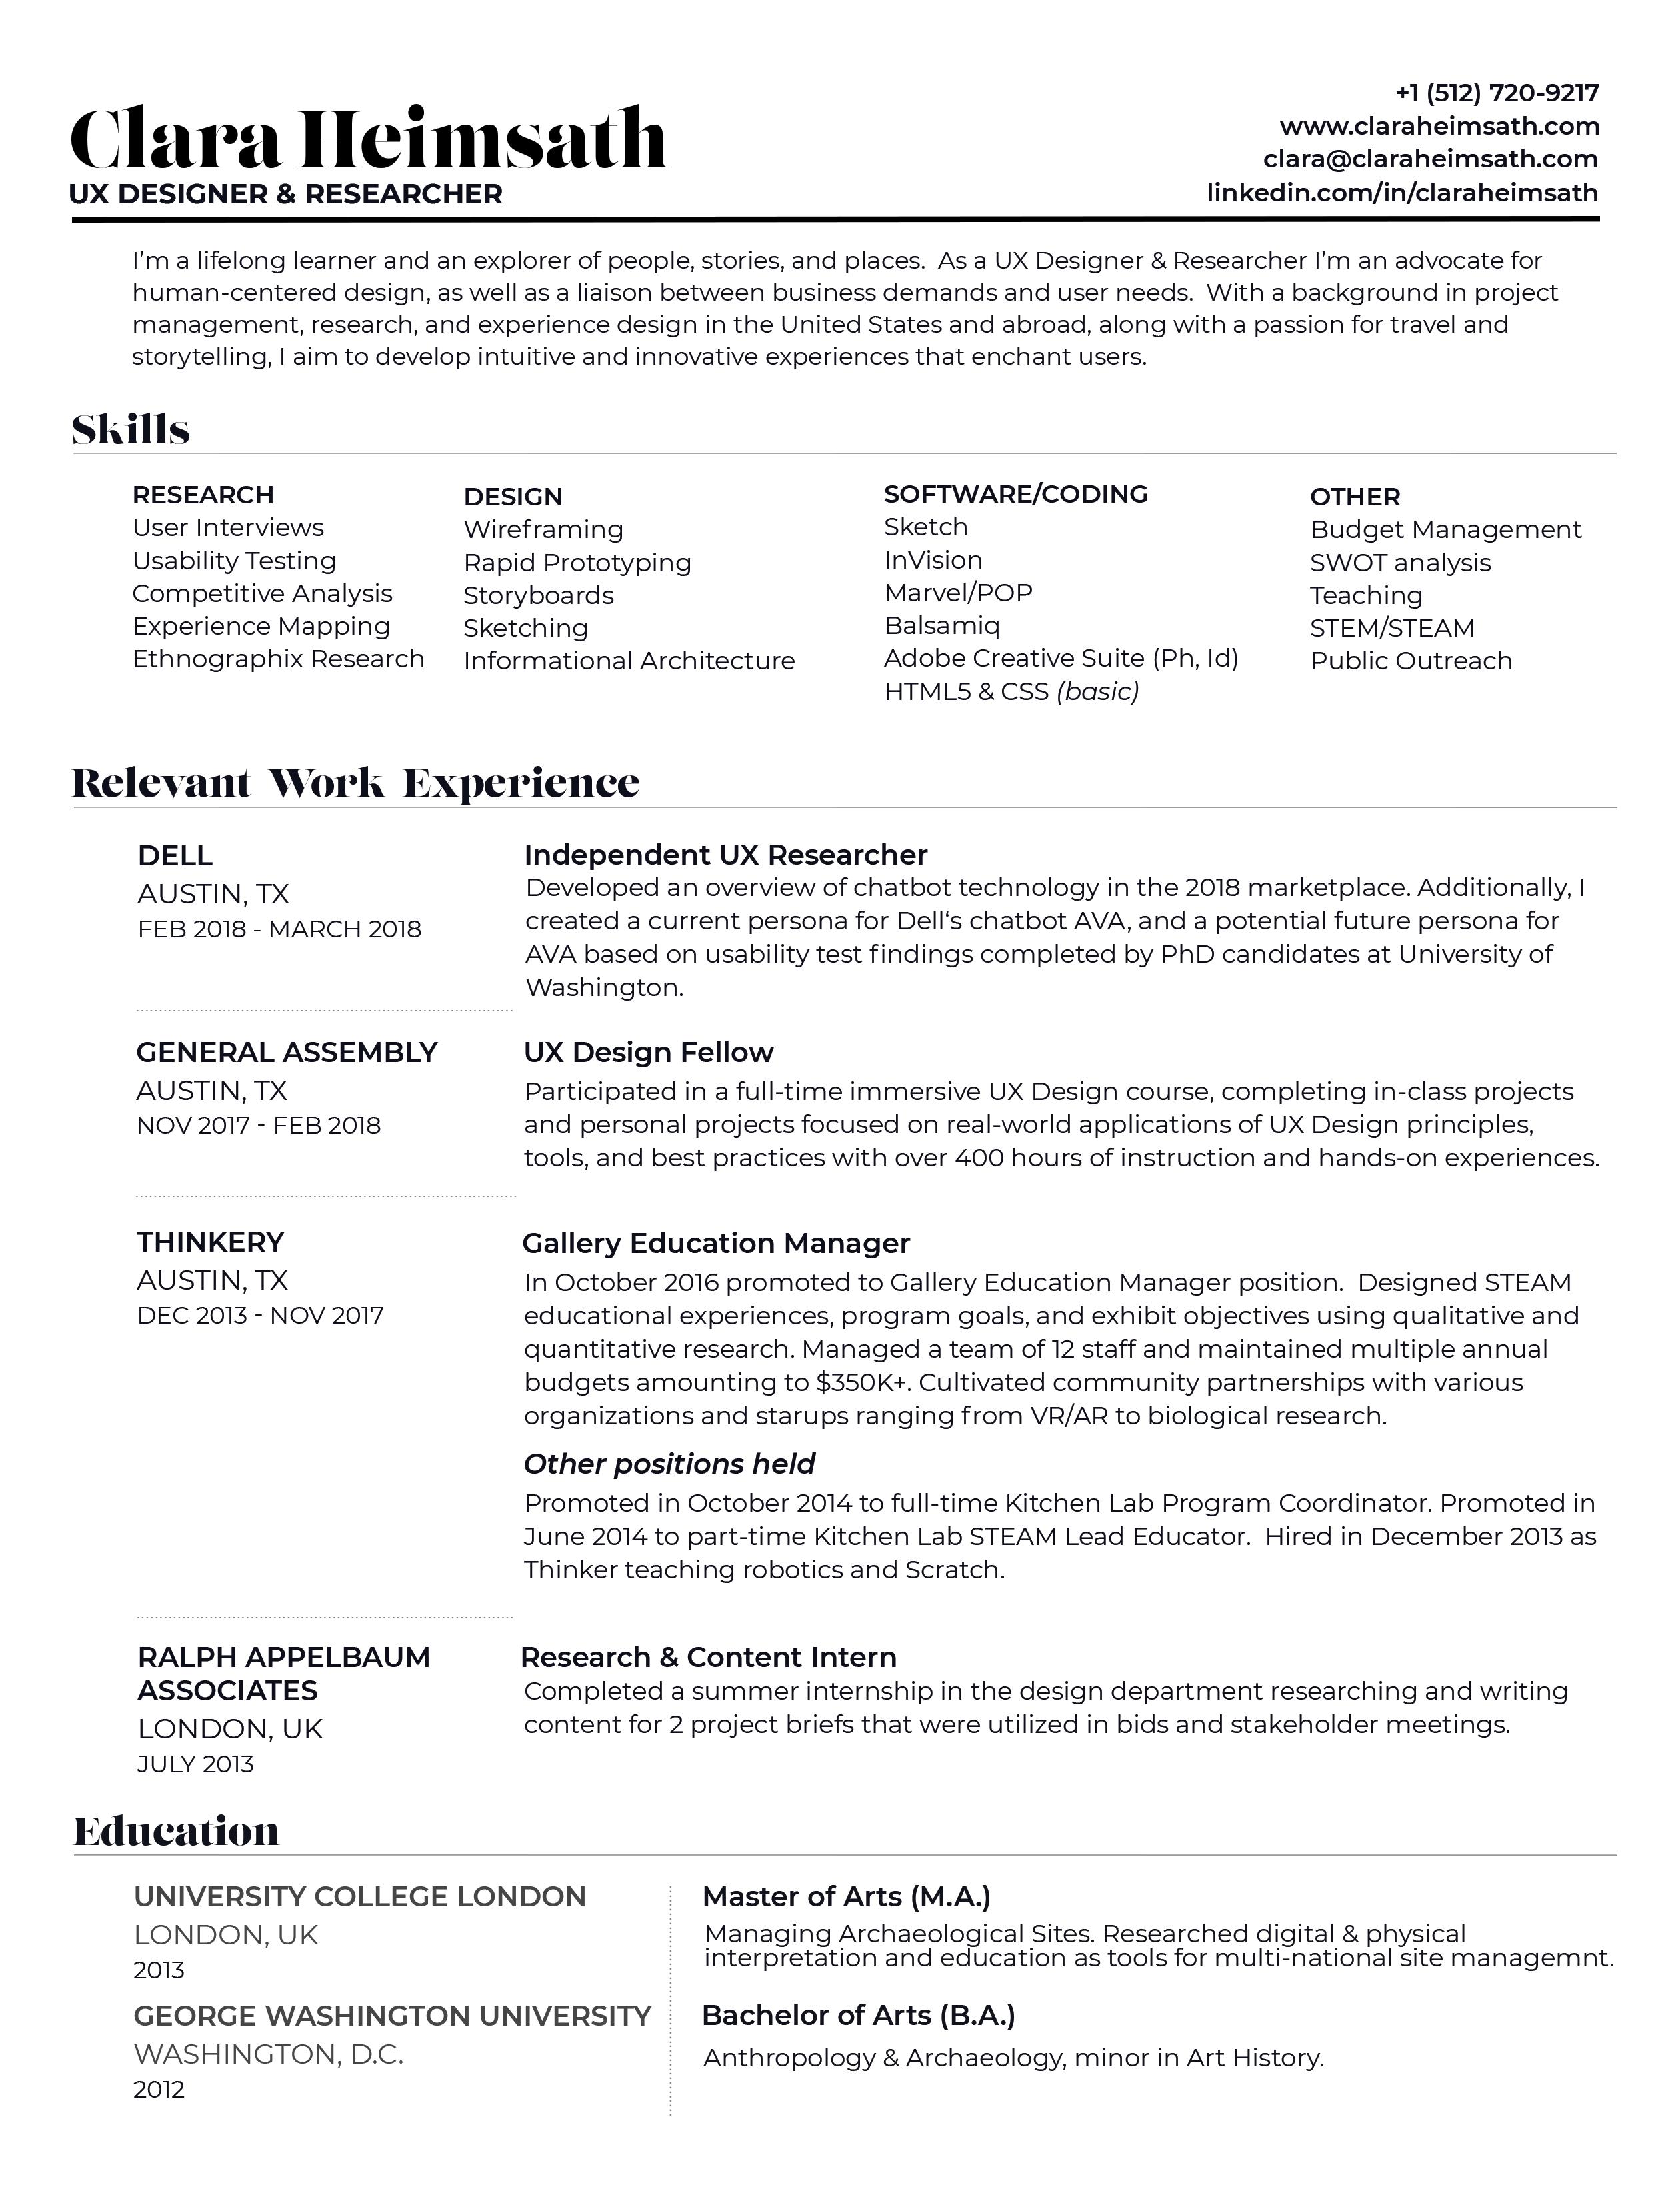 Resume — Clara Heimsath